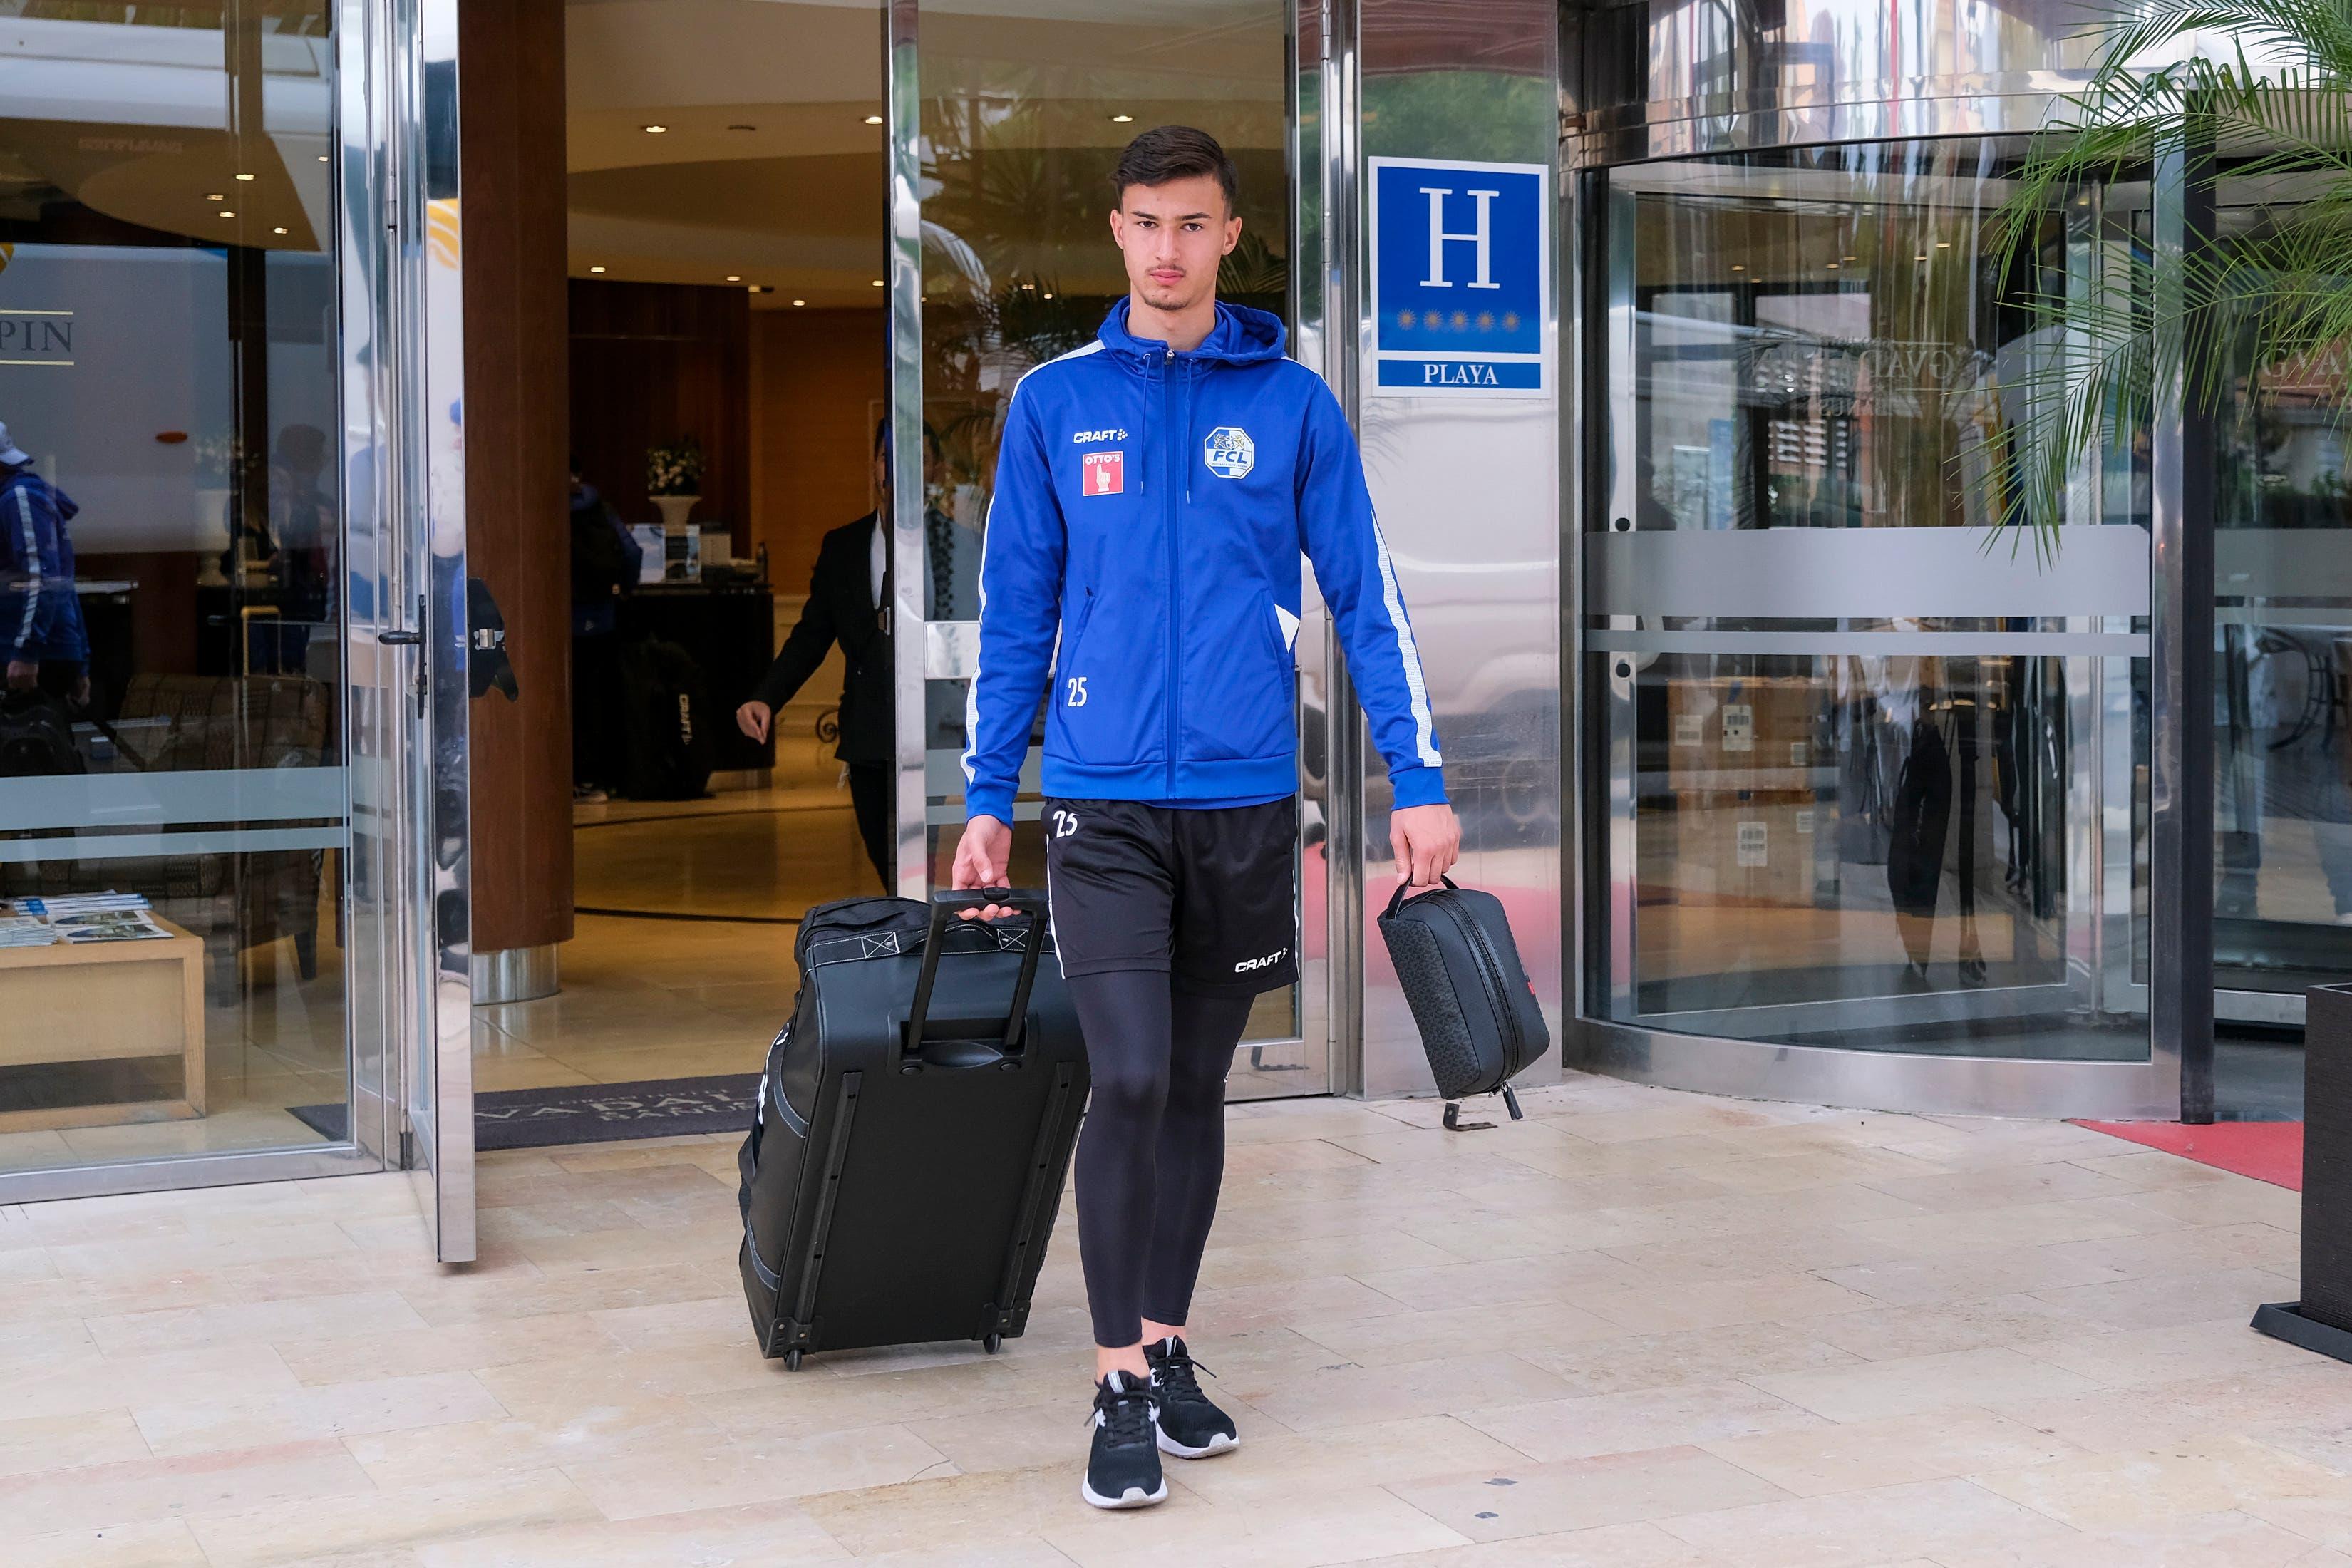 Am Samstag ging das Trainingslager des FCL in Marbella zu Ende. Der Klub (im Bild David Mistrafovic) macht sich auf den Weg zurück in die Schweiz.